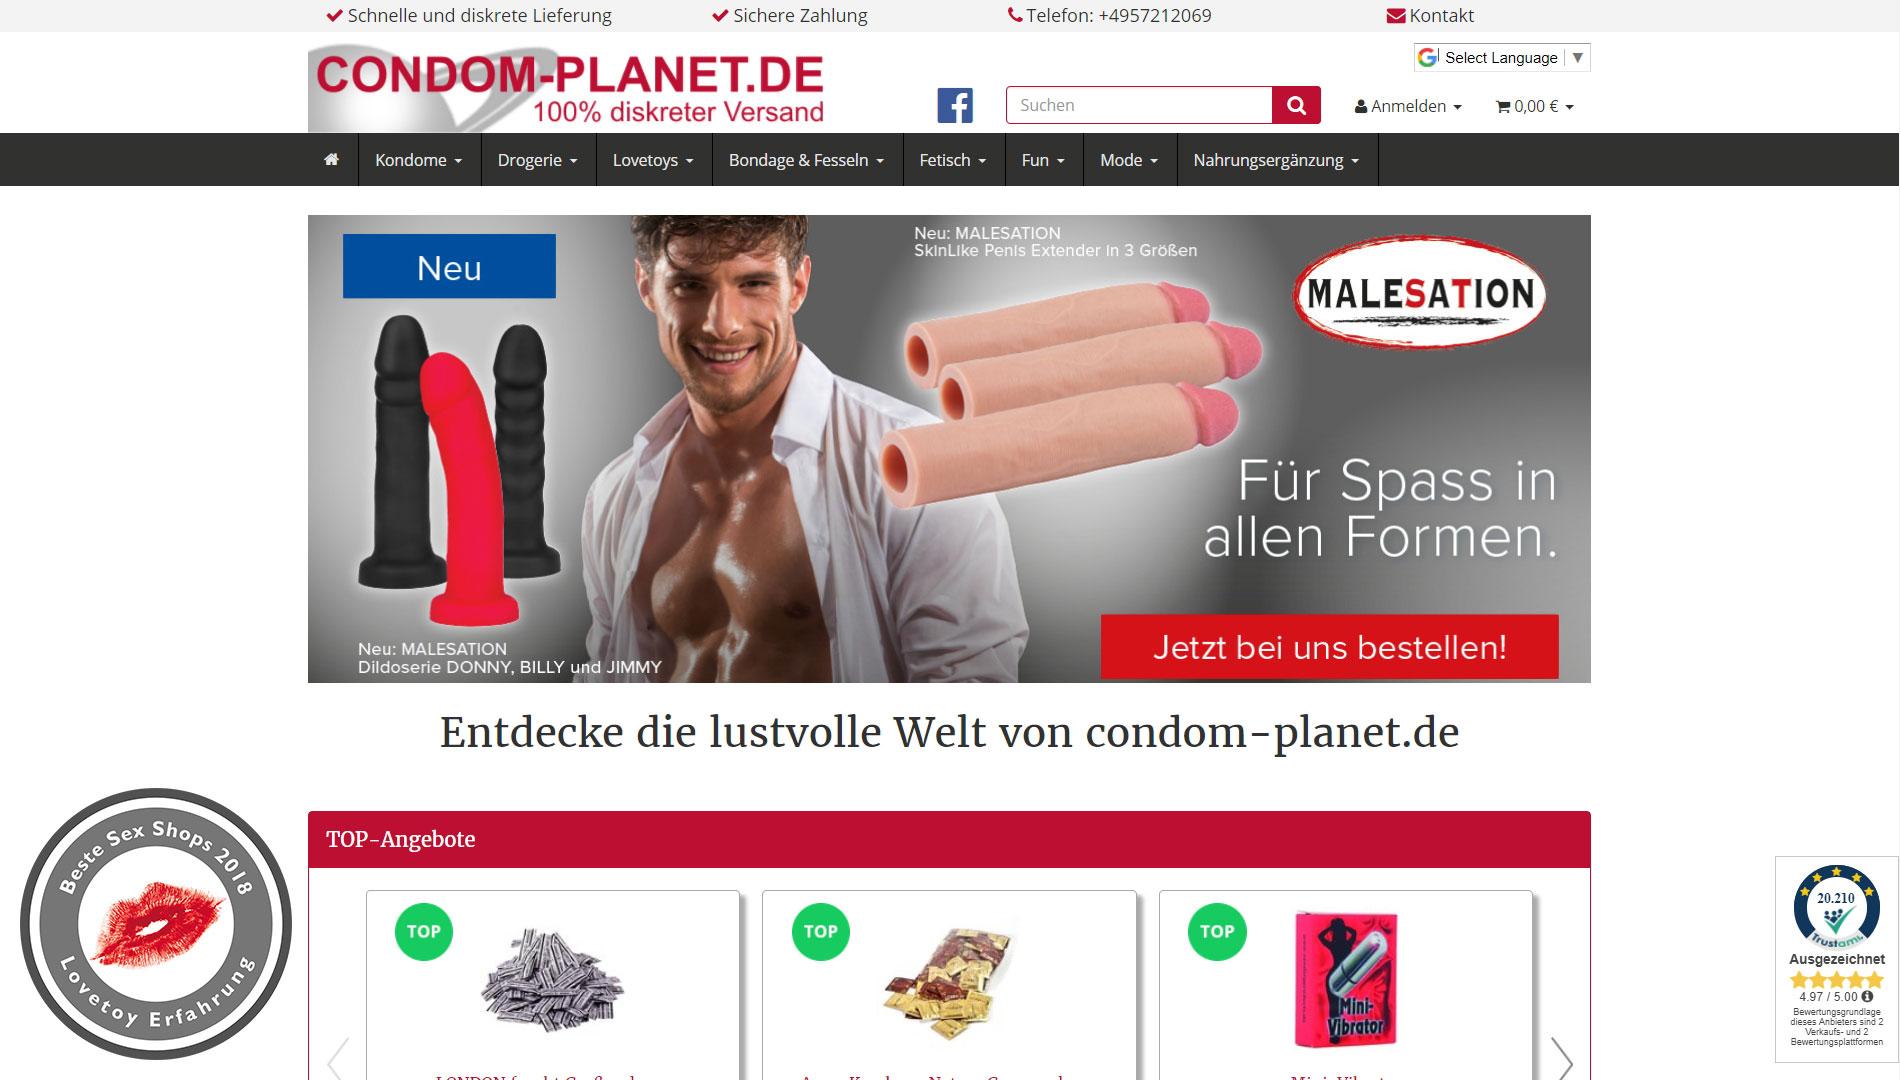 bondage club sexspielzeug onlineshop